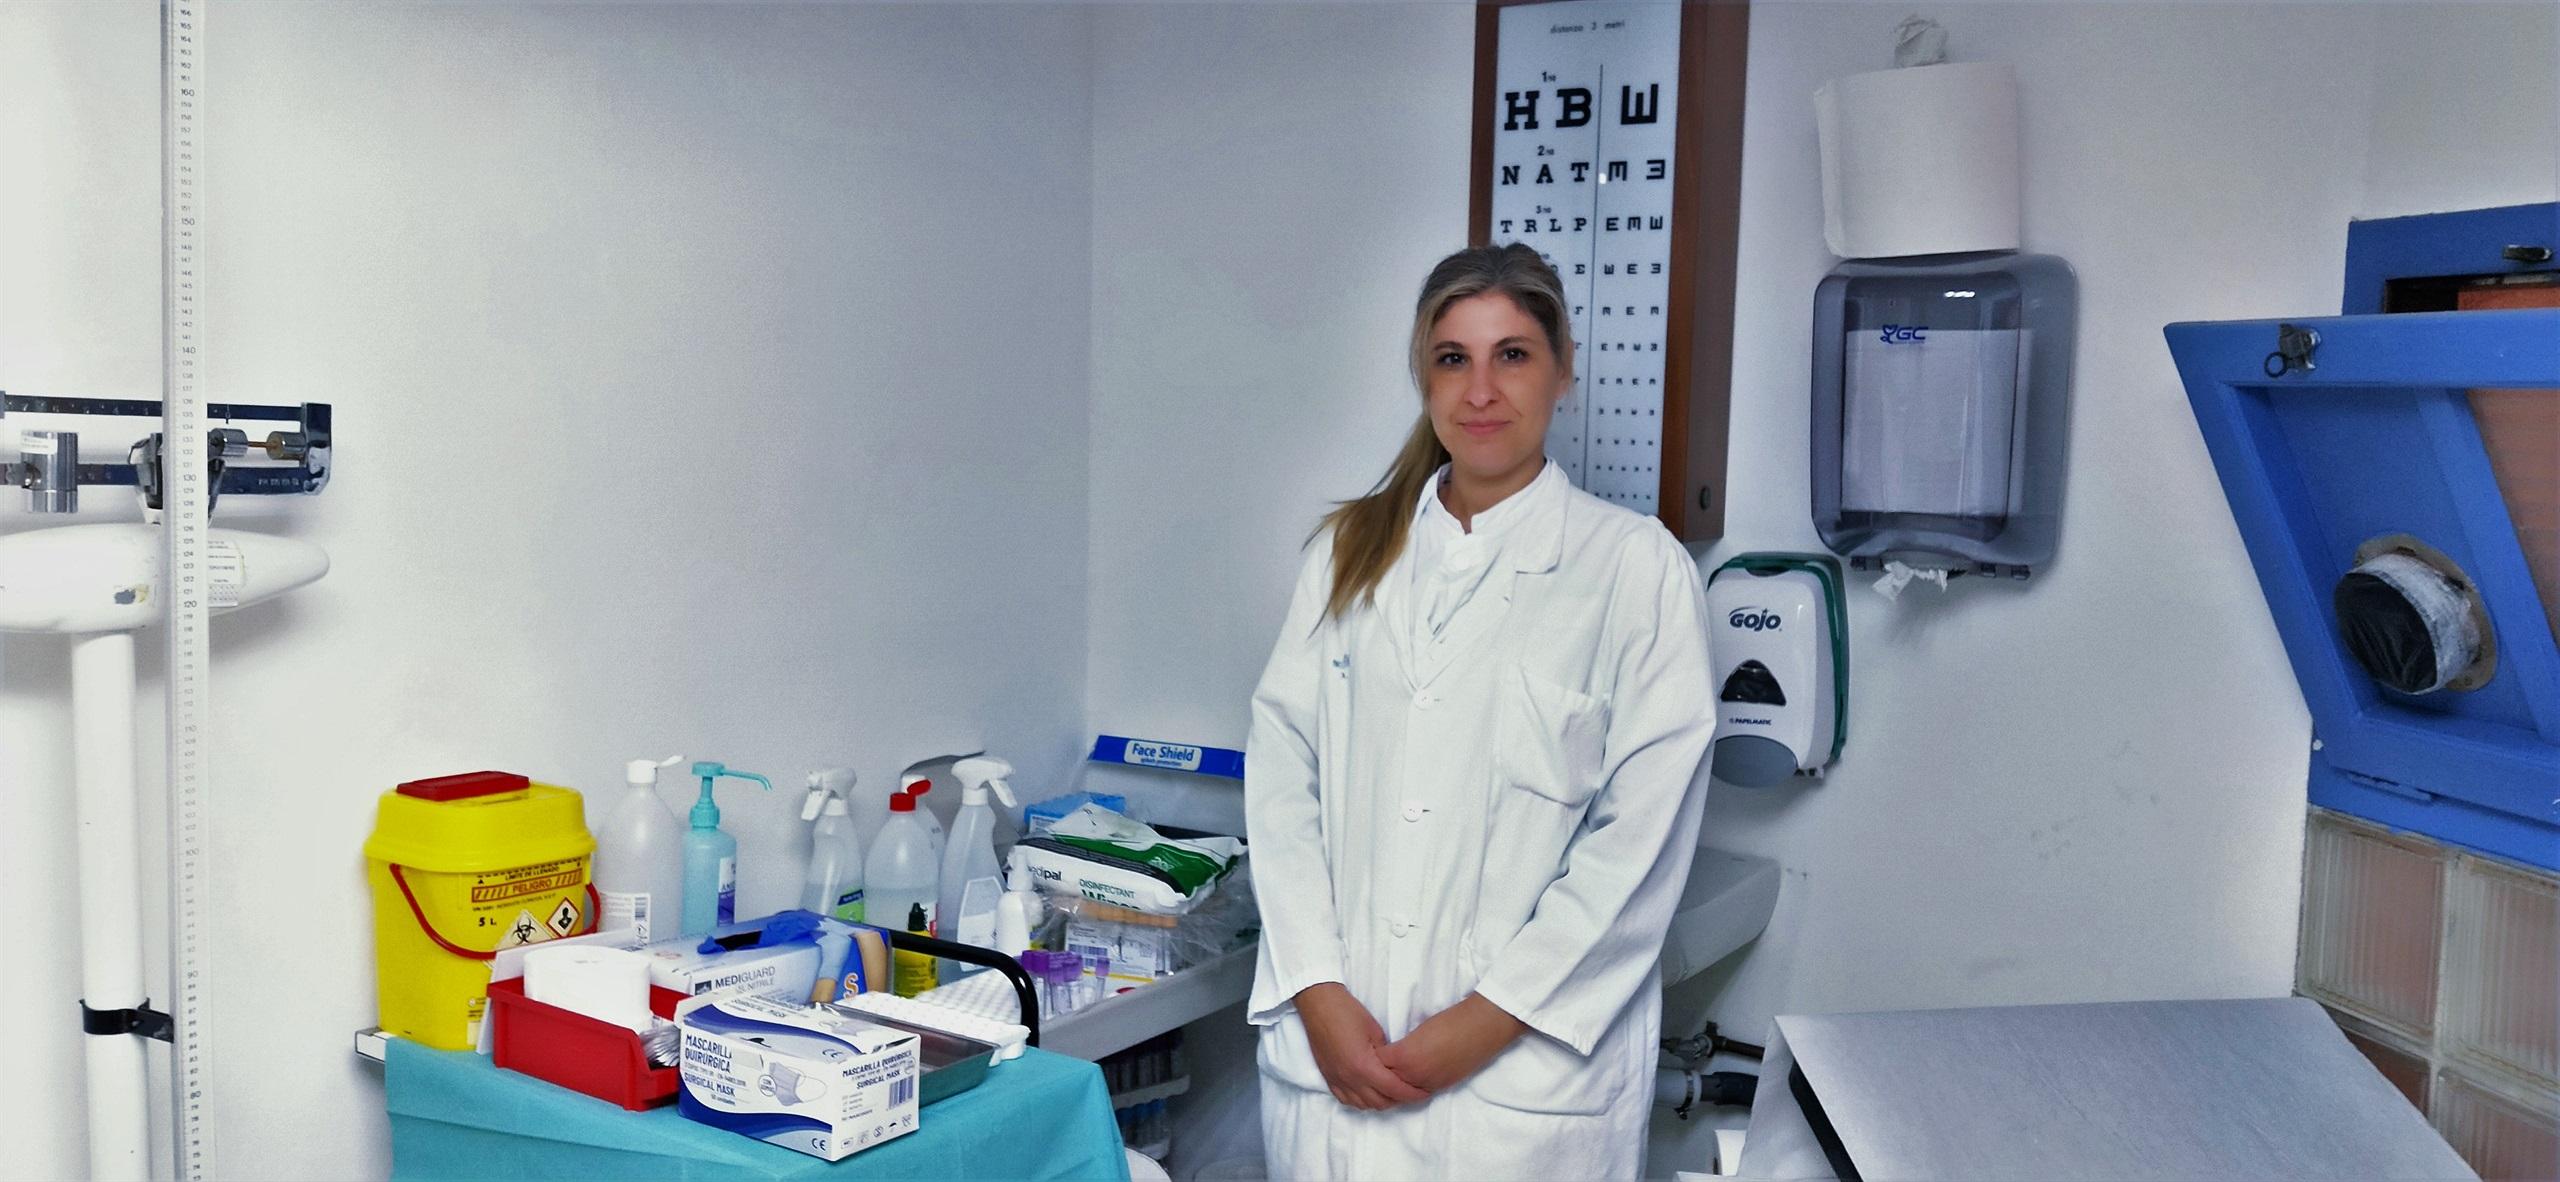 """Belén Serrano: """"La pandèmia ha posat en valor la feina de les infermeres del treball"""""""